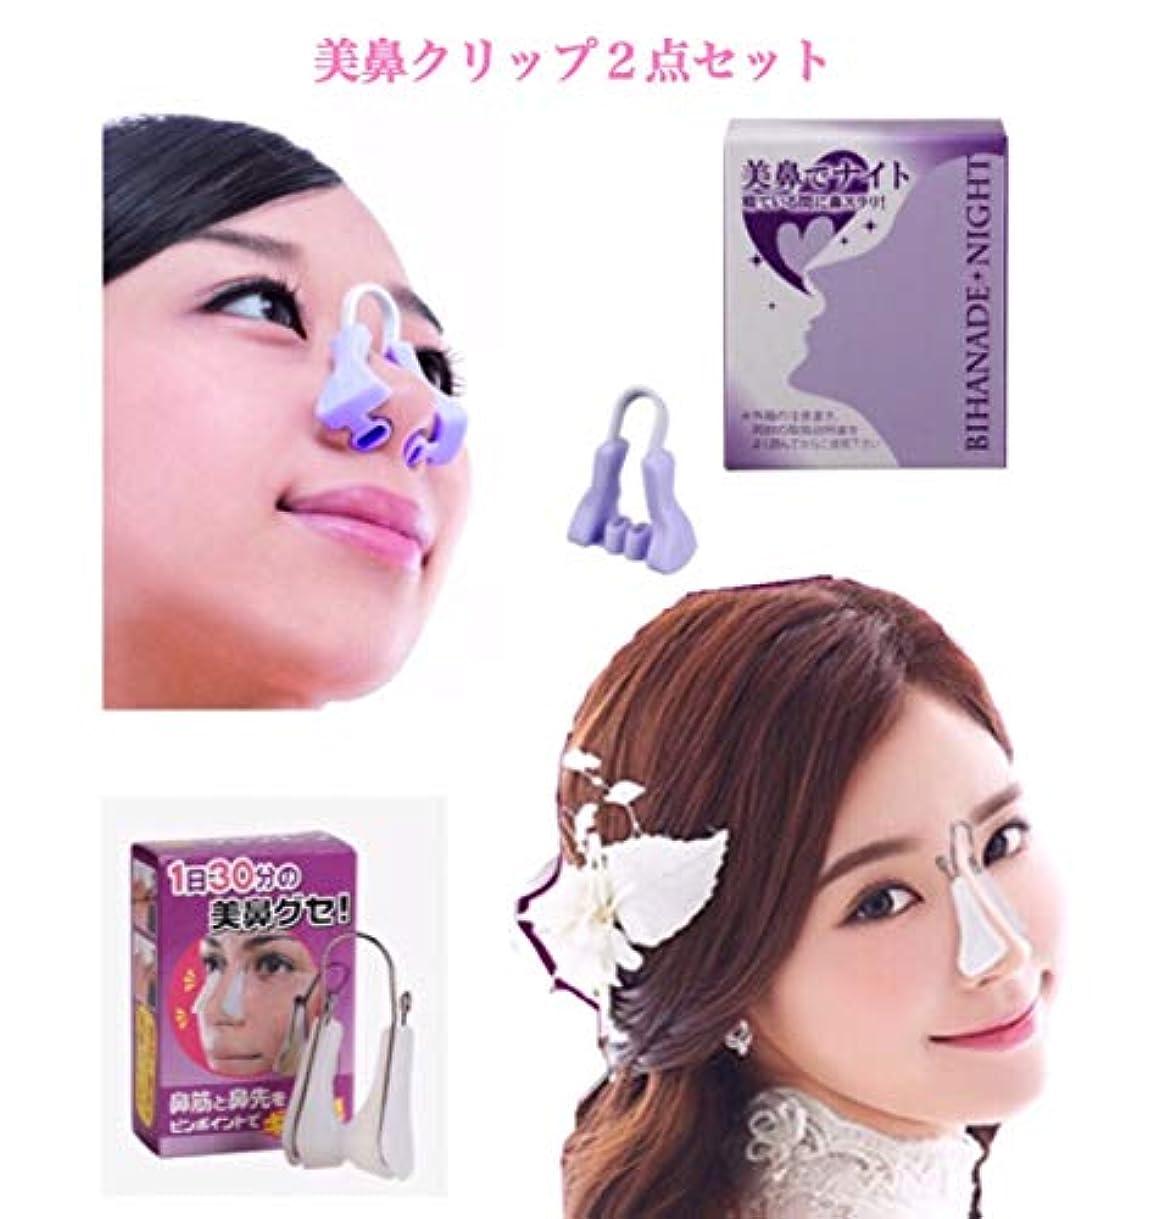 ガイド漏れファッションTrust Contact 美鼻クリップ 2点セット 美鼻 鼻筋 矯正 鼻プチ